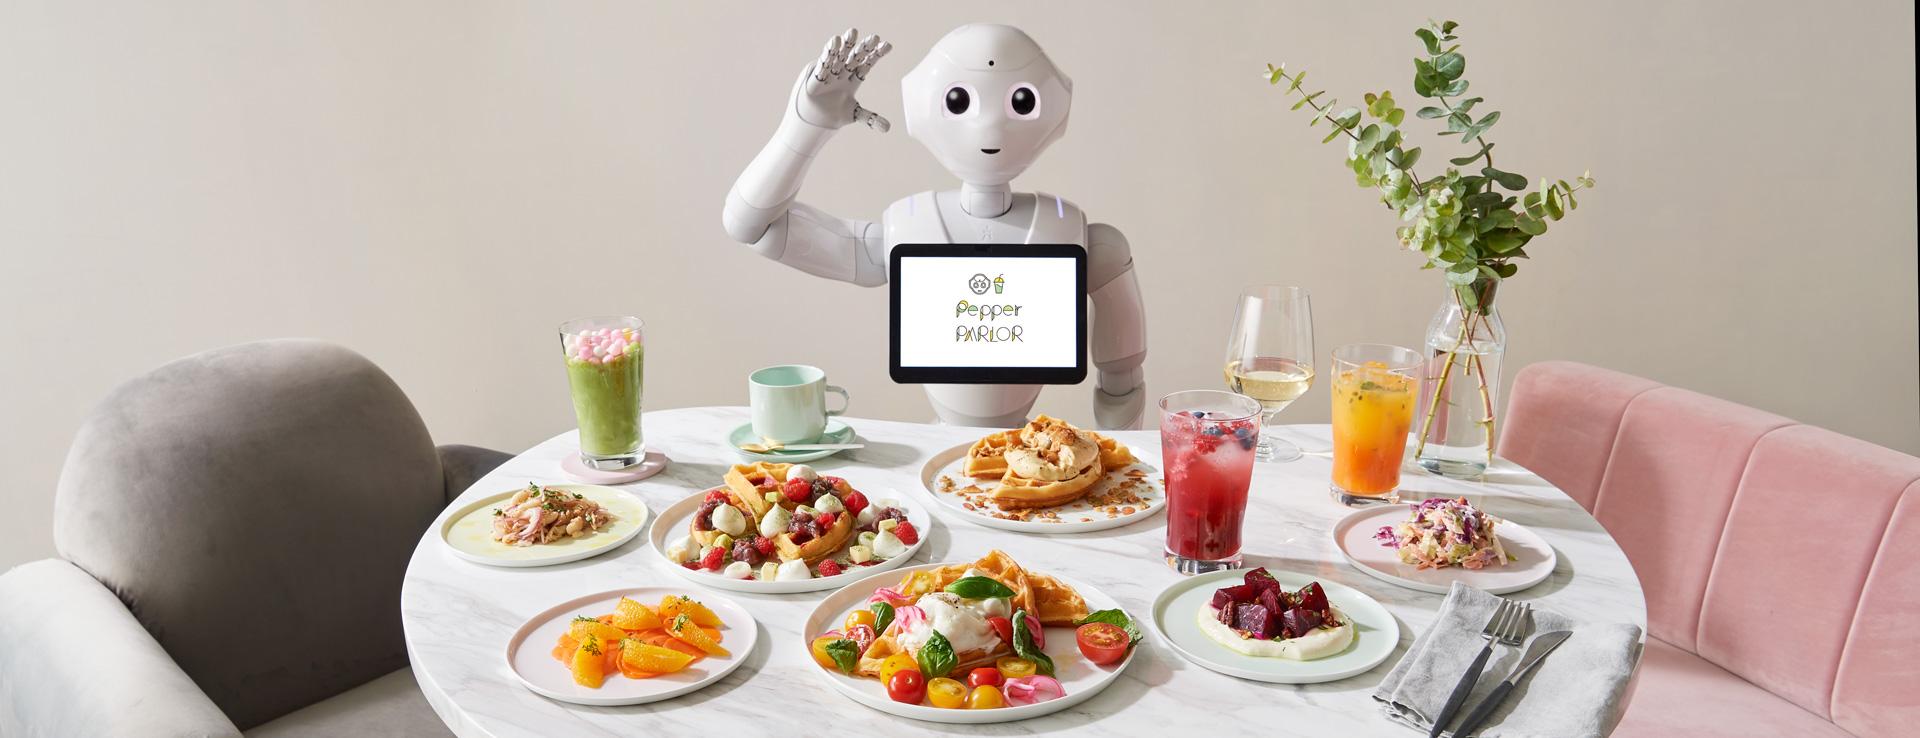 【世界に一つだけのお店】『ロボットが人と一緒に働くお店・Pepper PARLOR』がオープン予定!!